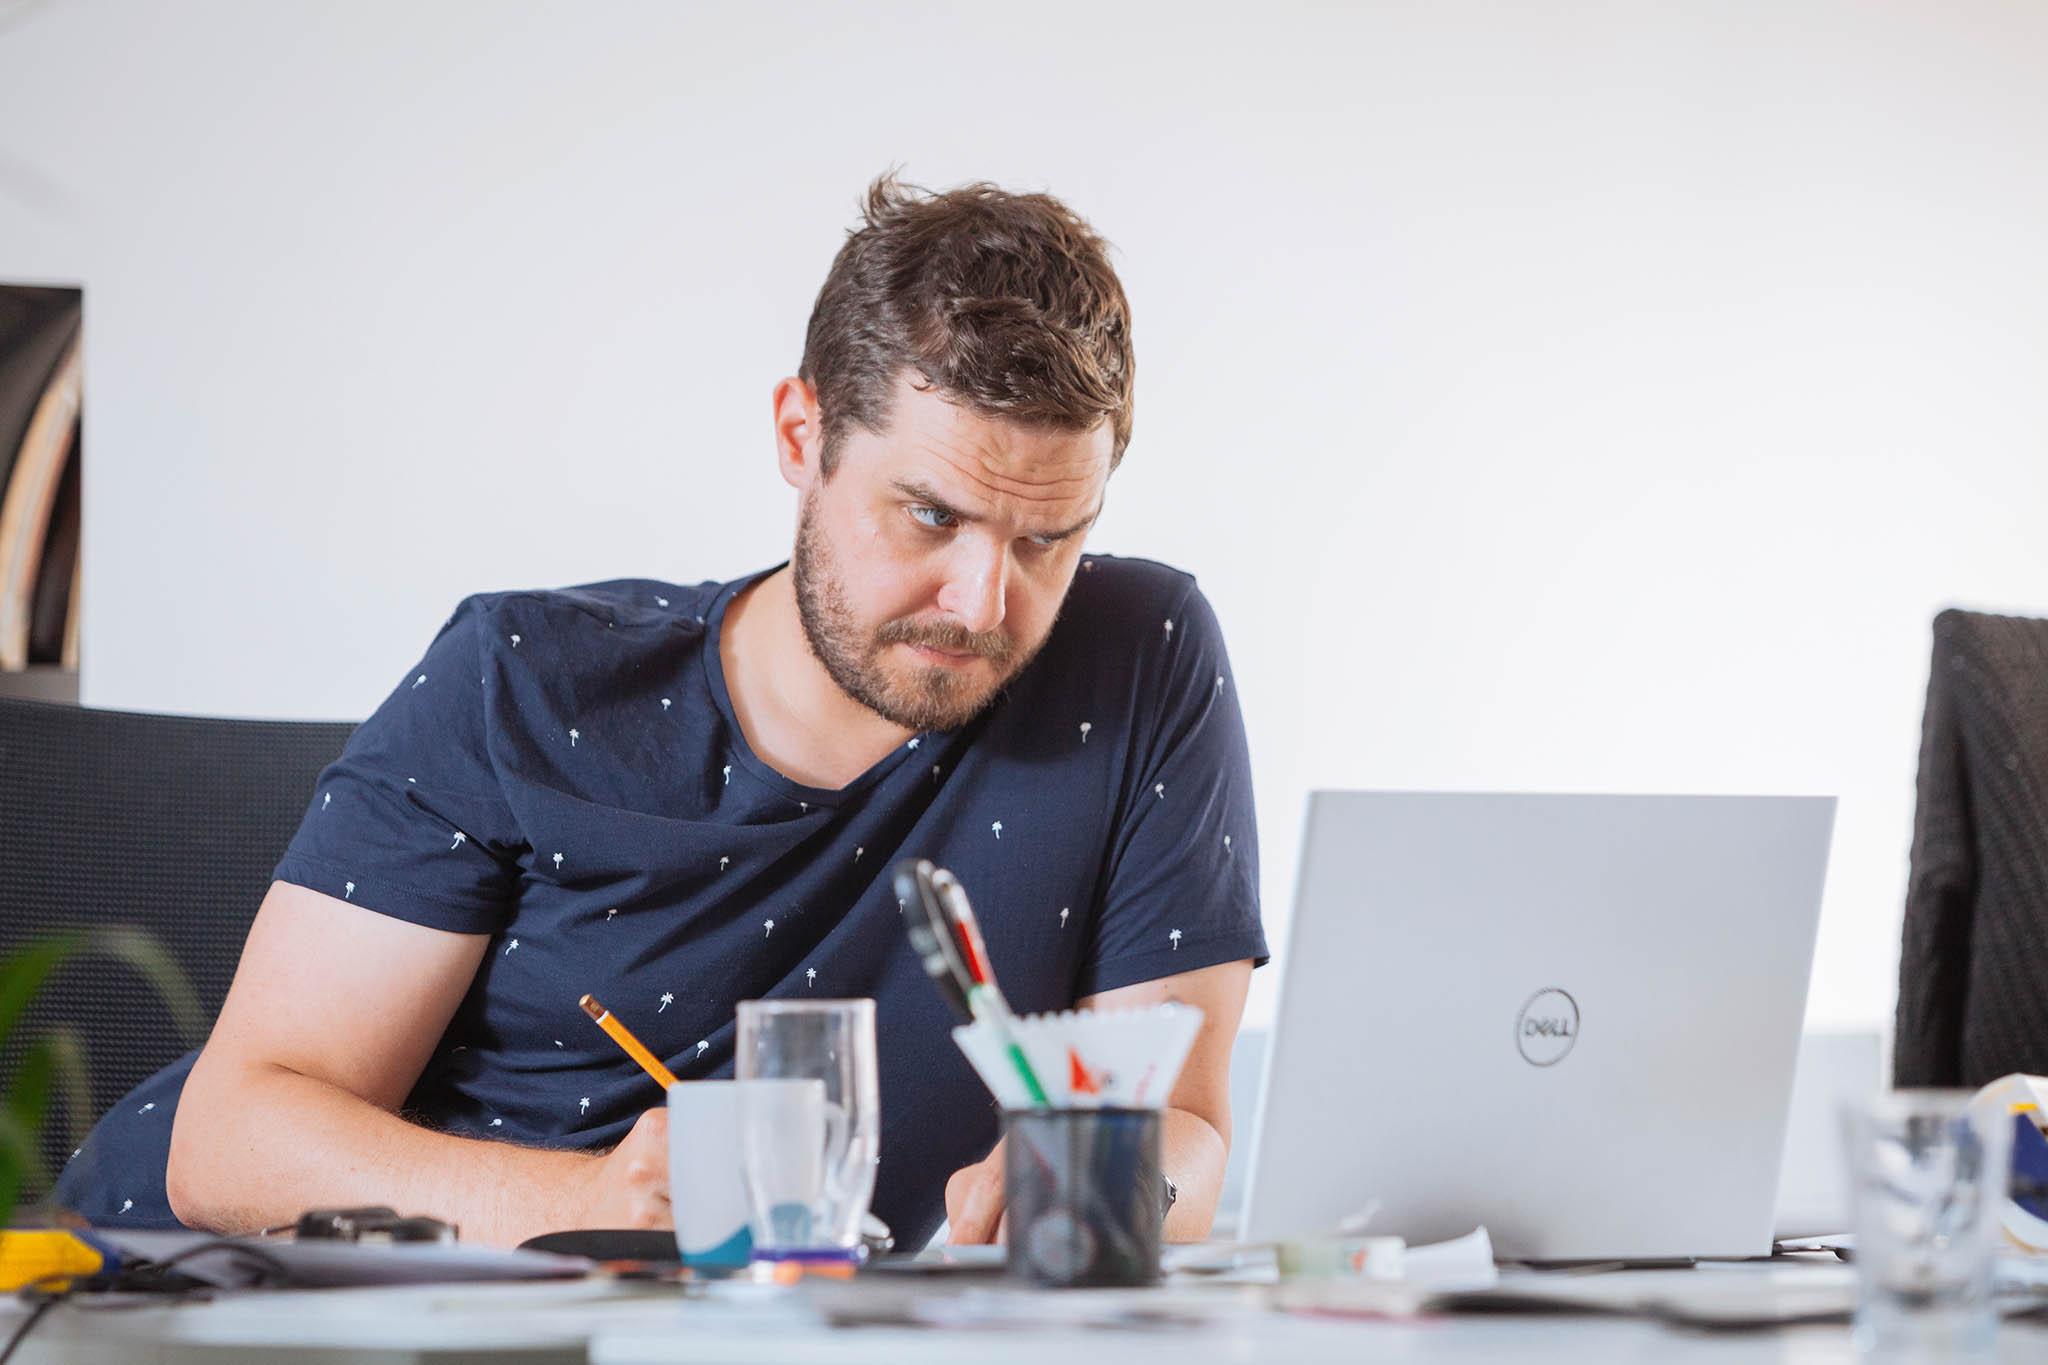 VSherpasu často vládne až překvapivé ticho aklid. Většina pracovníků řeší klientské projektyvmalých týmech vzasedacích místnostech nebo zrovna pobíhají poschůzkách.